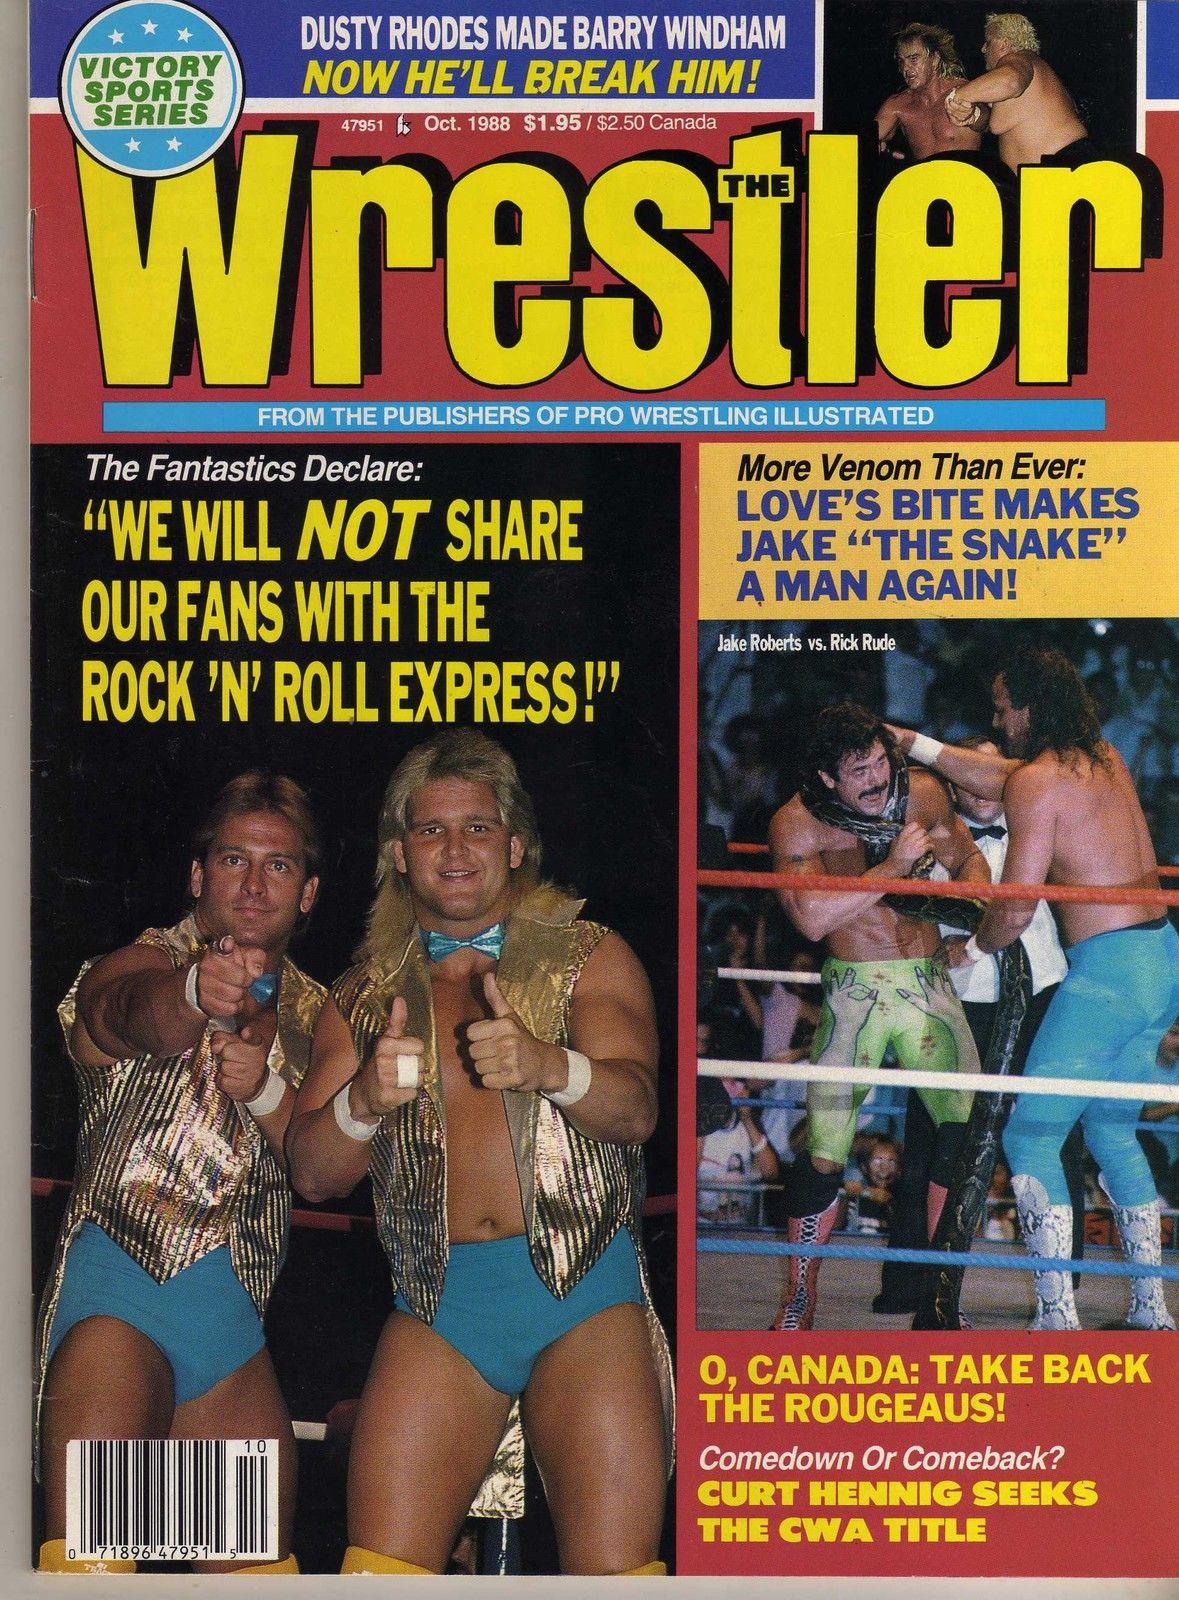 The Wrestler - October 1988